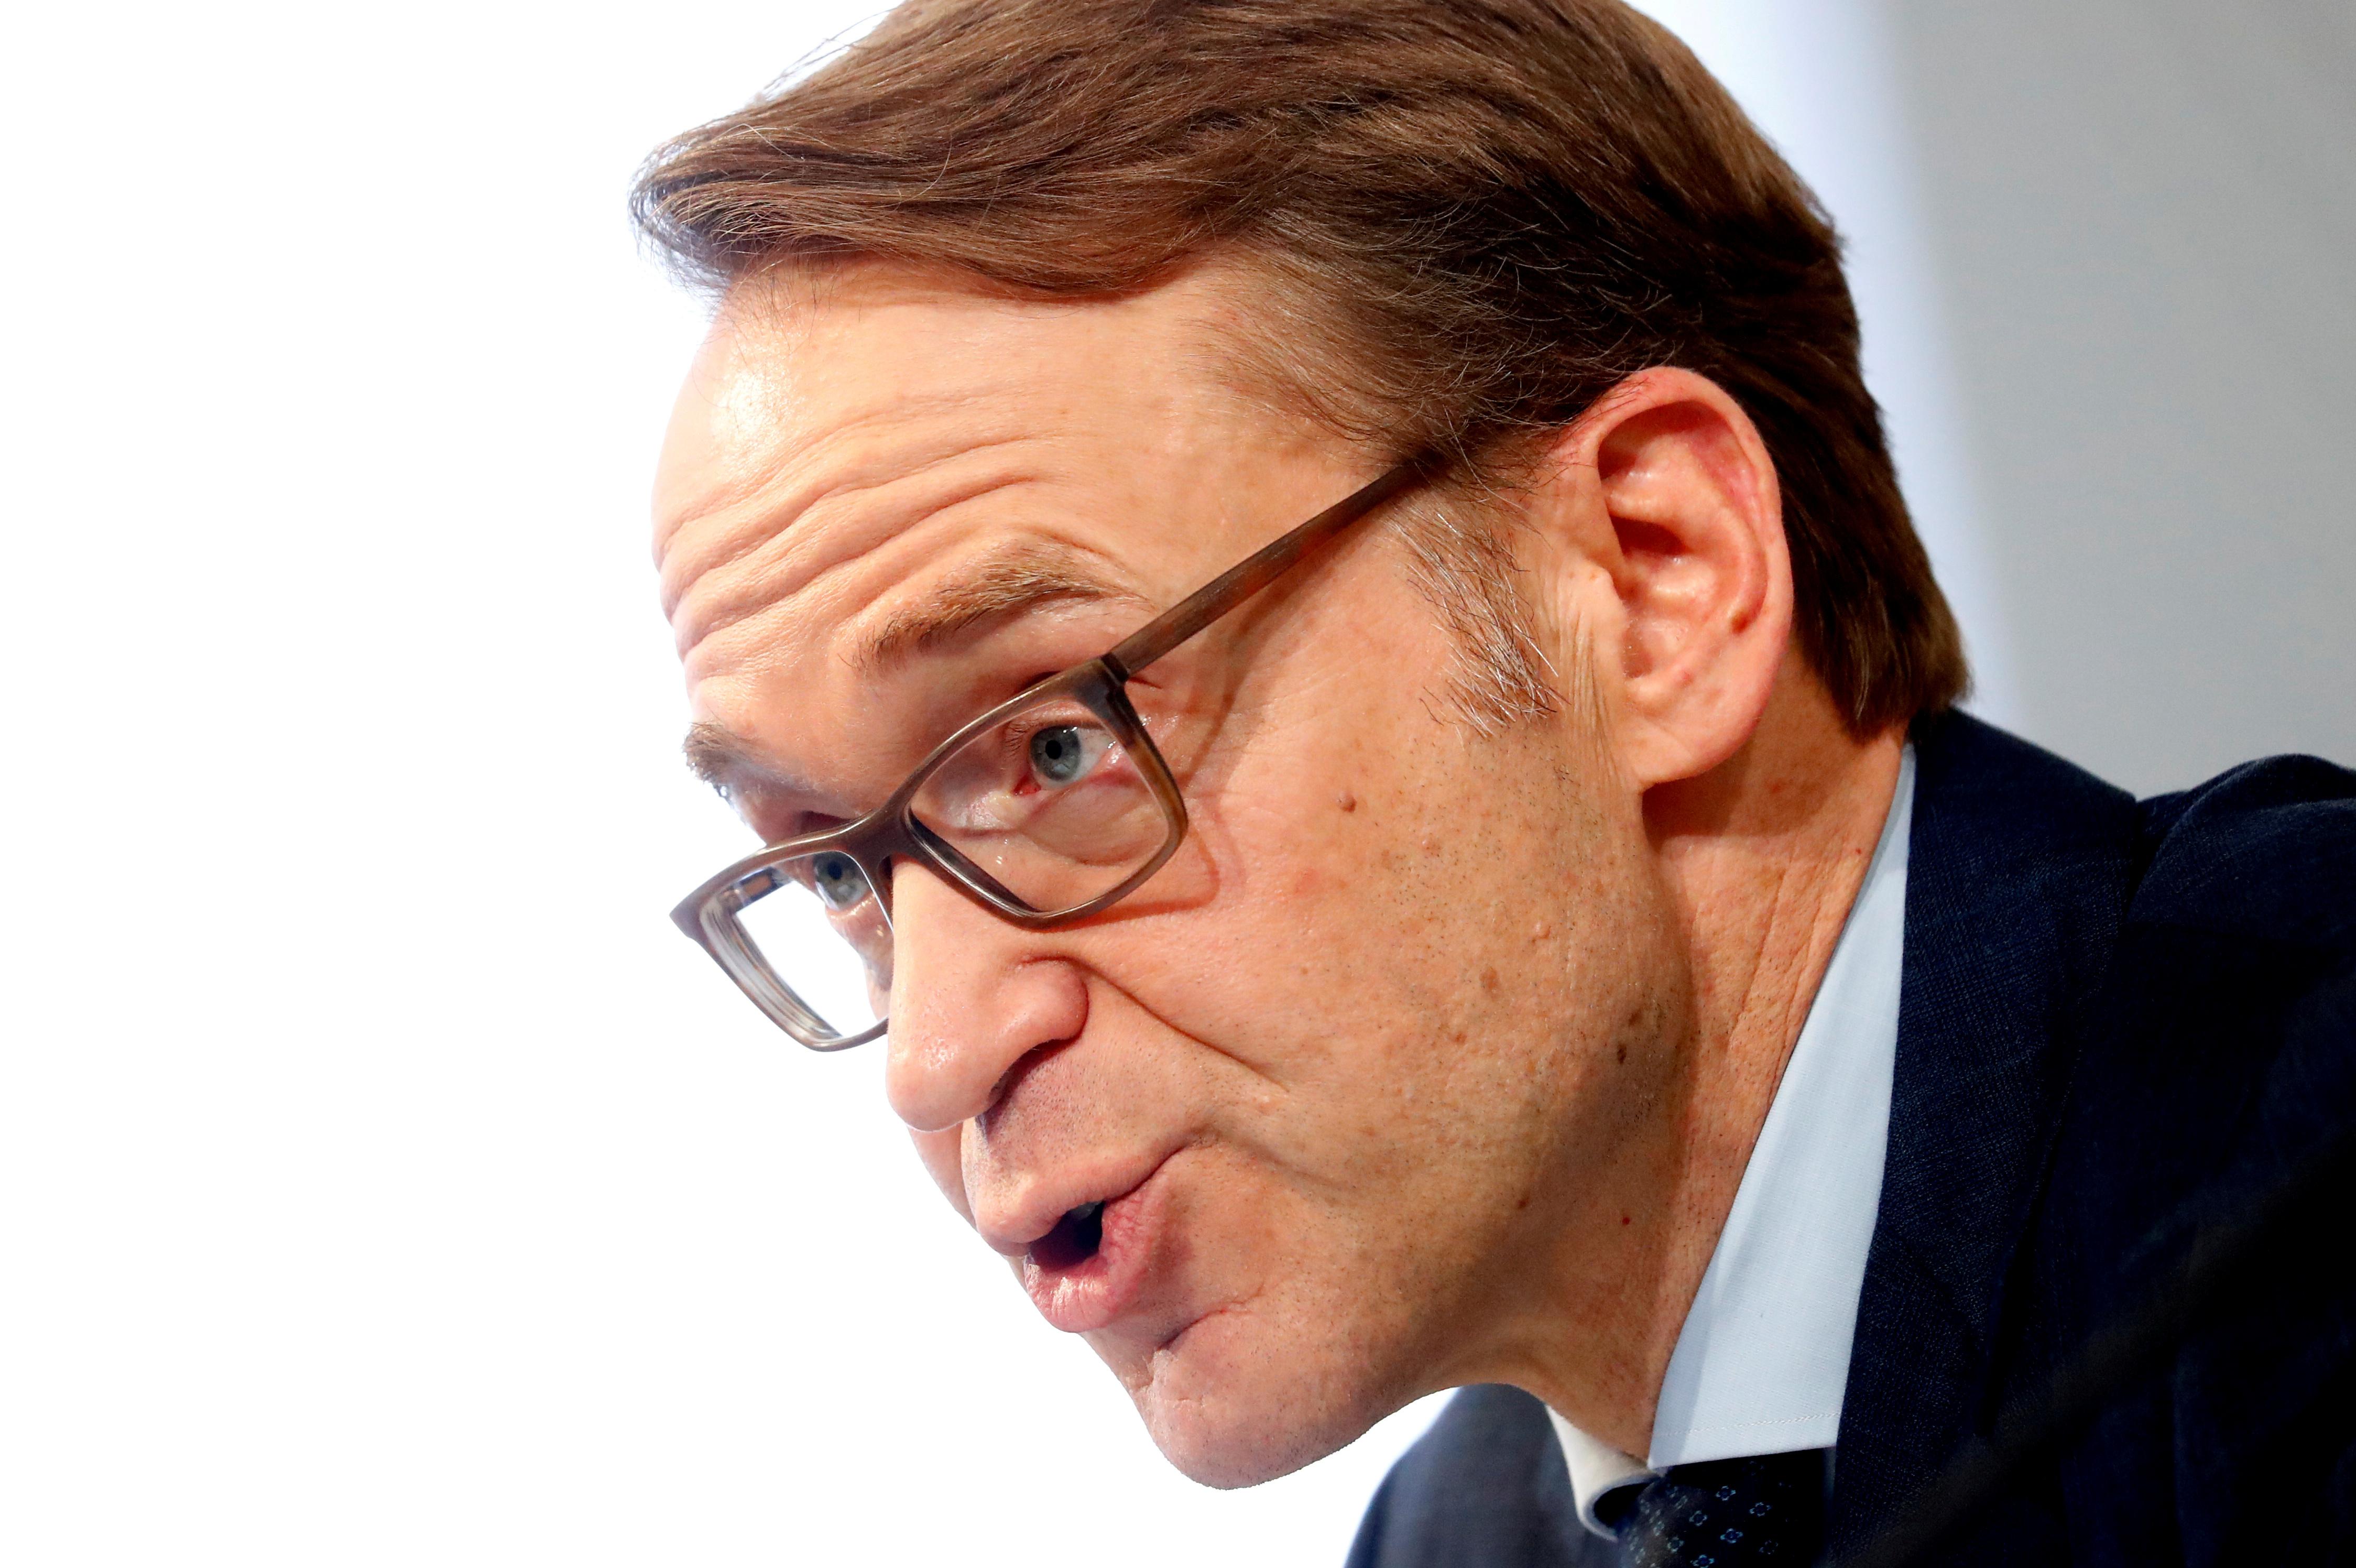 德国央行总裁詹斯·魏德曼(Jens Weidmann)于2018年27月2019日在德国法兰克福提交了XNUMX年度报告。REUTERS / Kai Pfaffenbach / File Photo